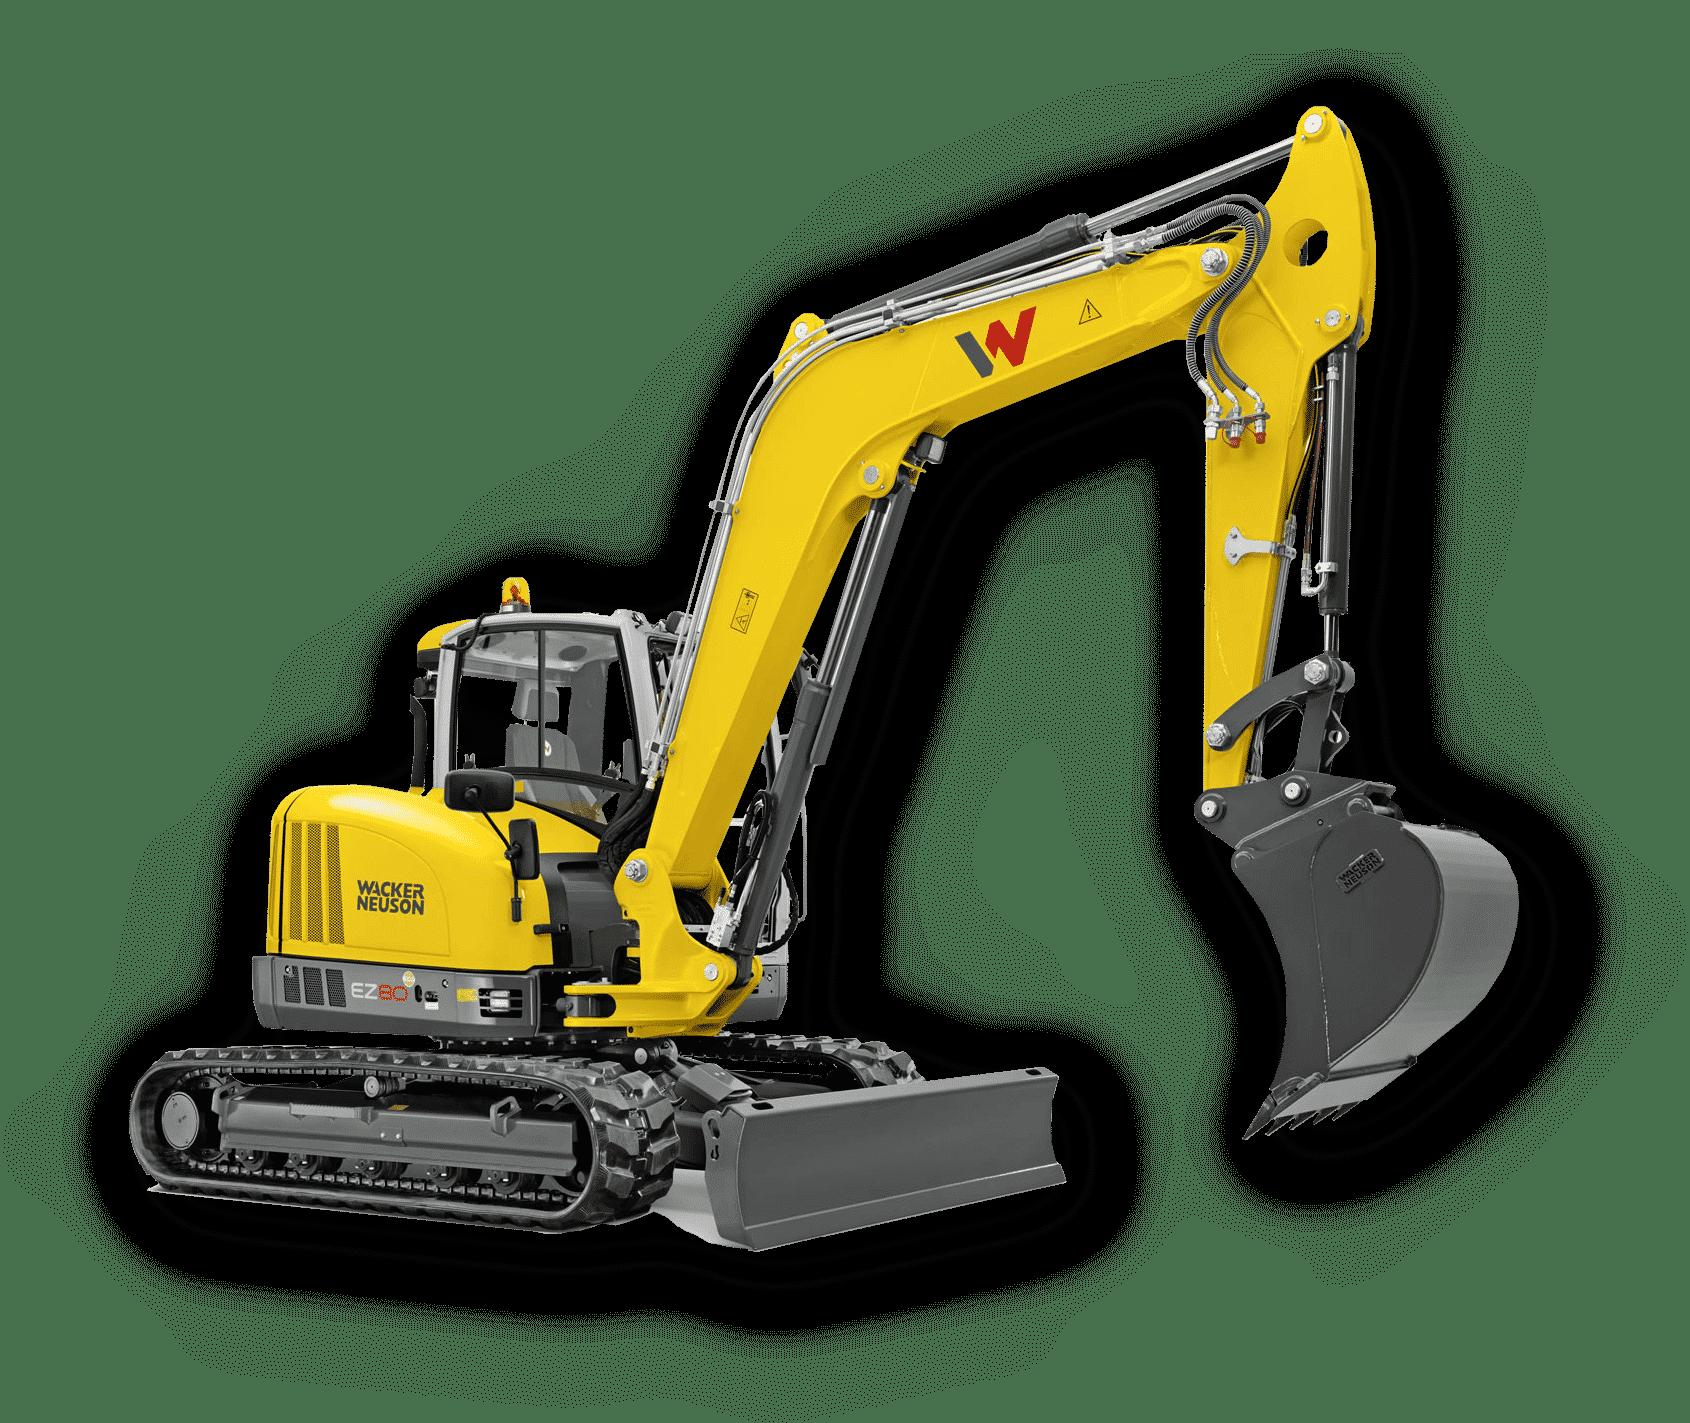 Escavatore noleggio e vendita attrezzatura edilizia - Tecno Edil Verona